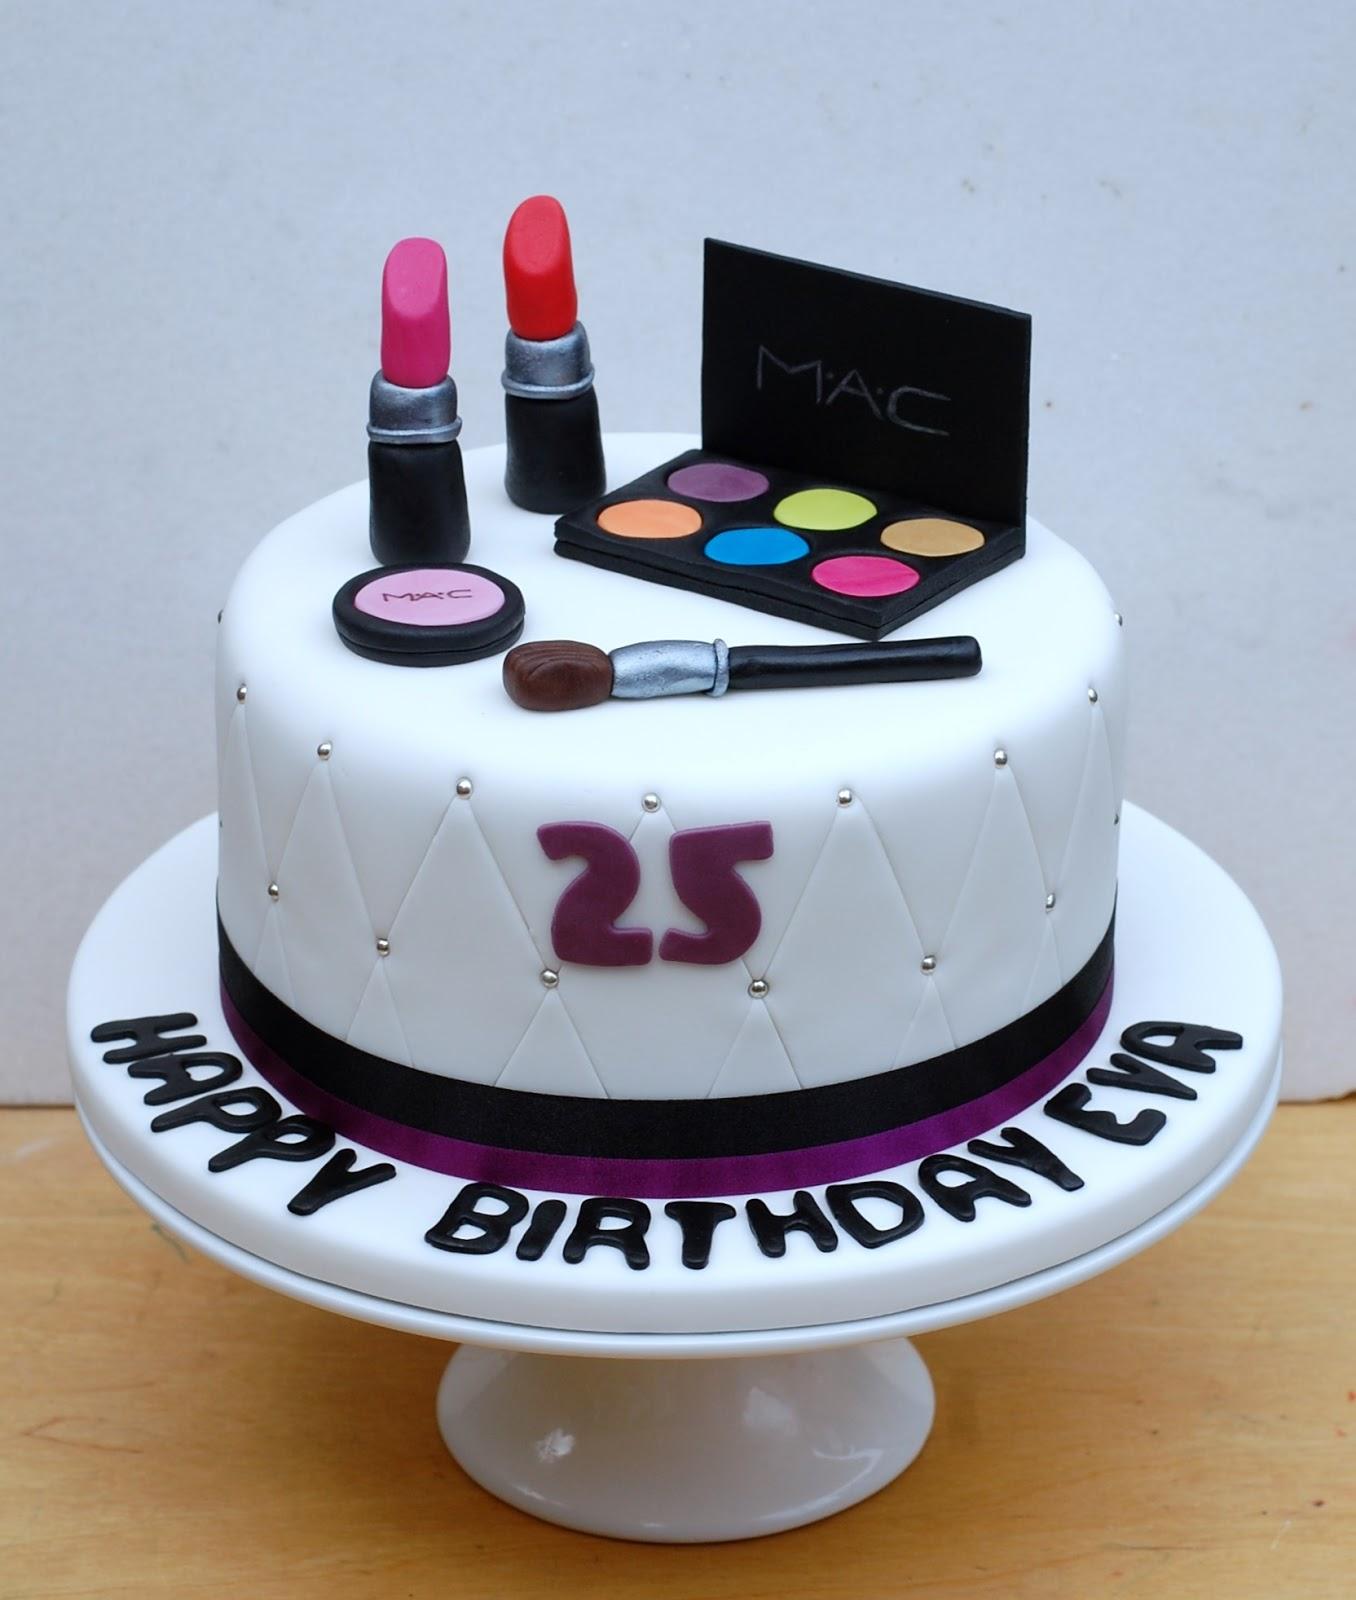 Vanilla Frost: Make Up Birthday Cake